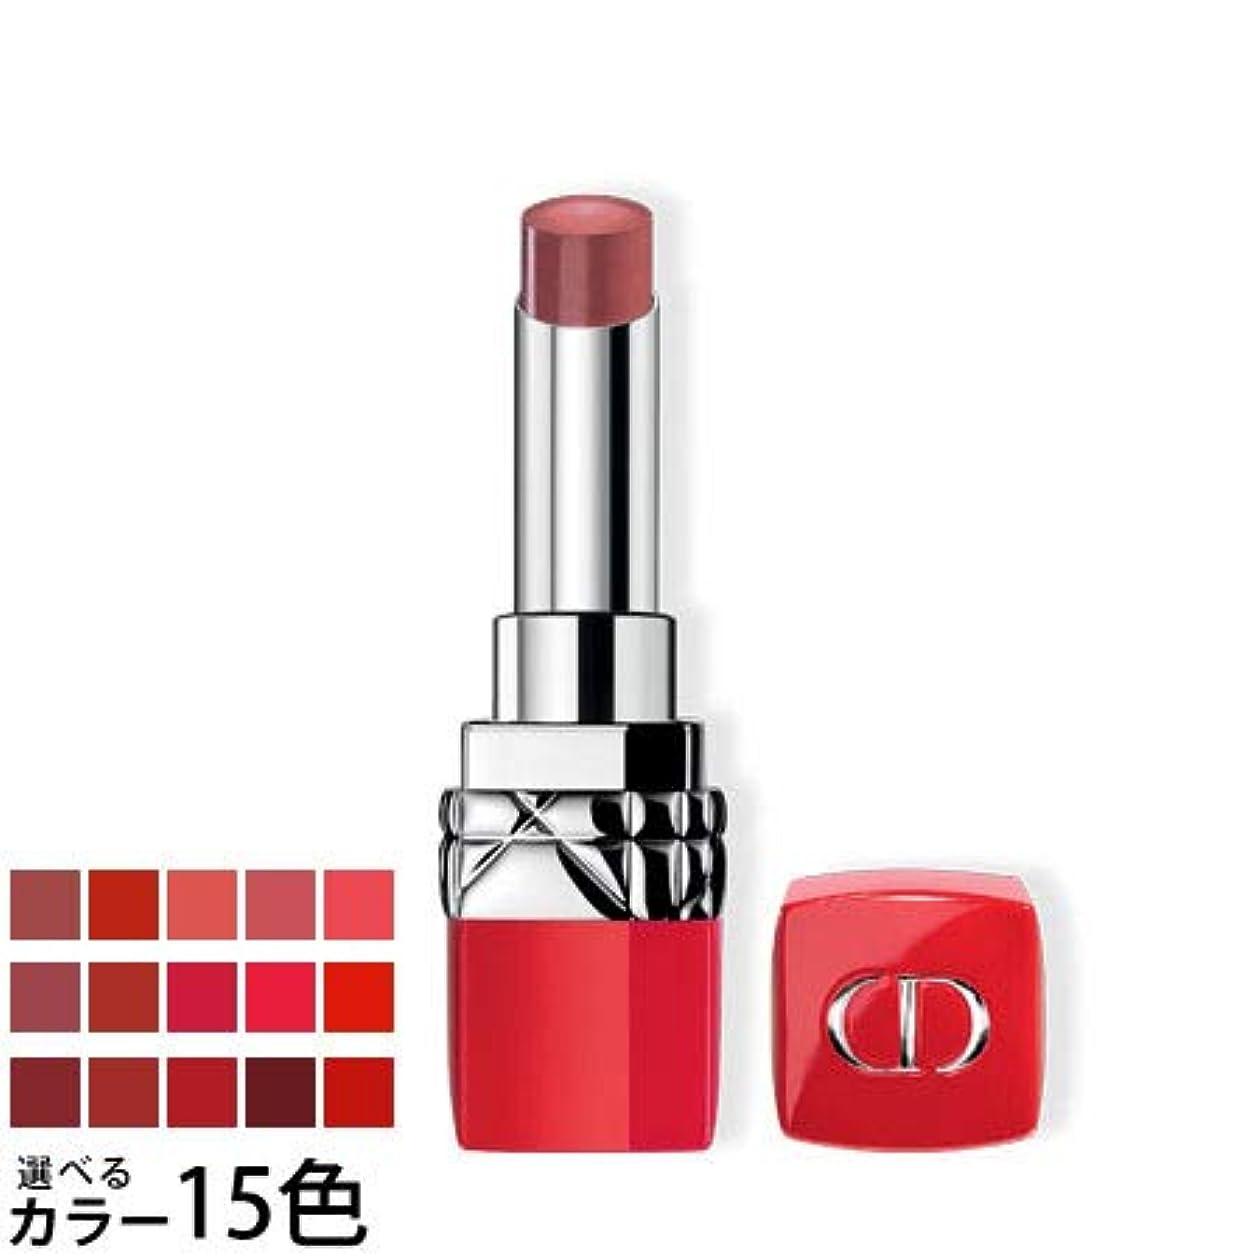 仕事硫黄ソケットディオール ルージュ ディオール ウルトラ ルージュ 選べる15色 -Dior- 555